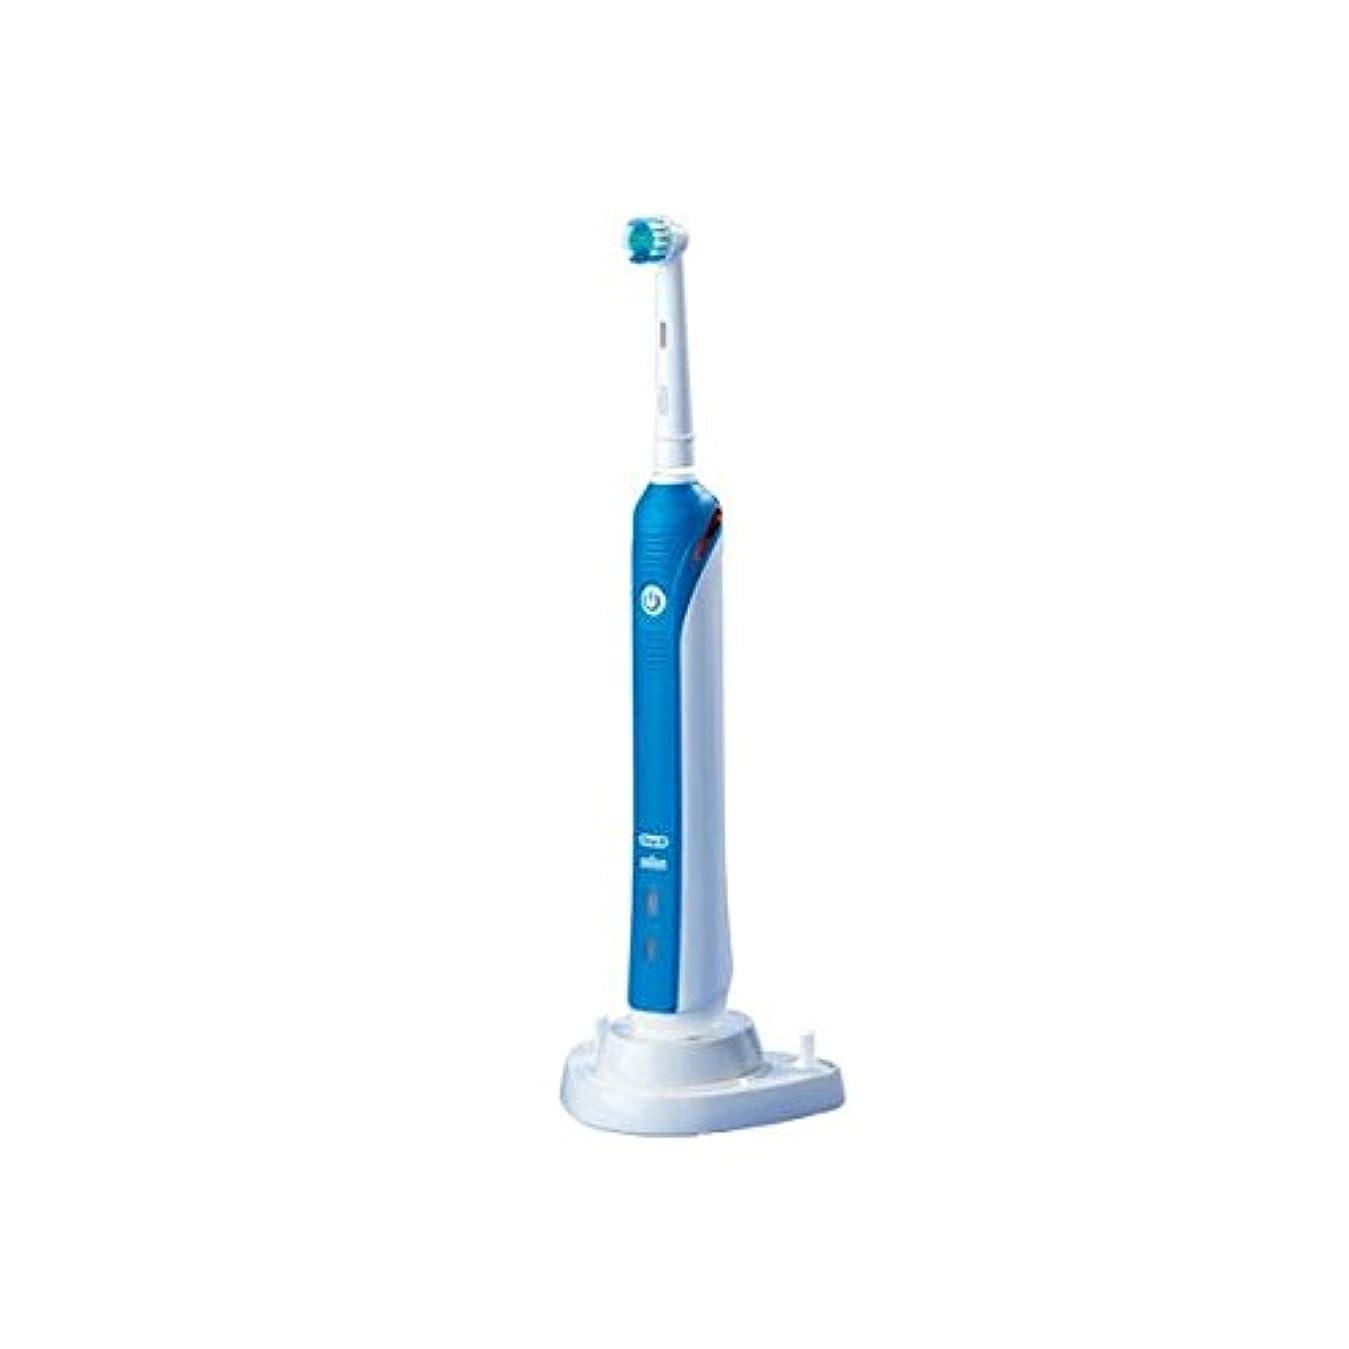 ジョリーガウン有益なBraun 電動歯ブラシ オーラルB プロフェッショナルケア 2000